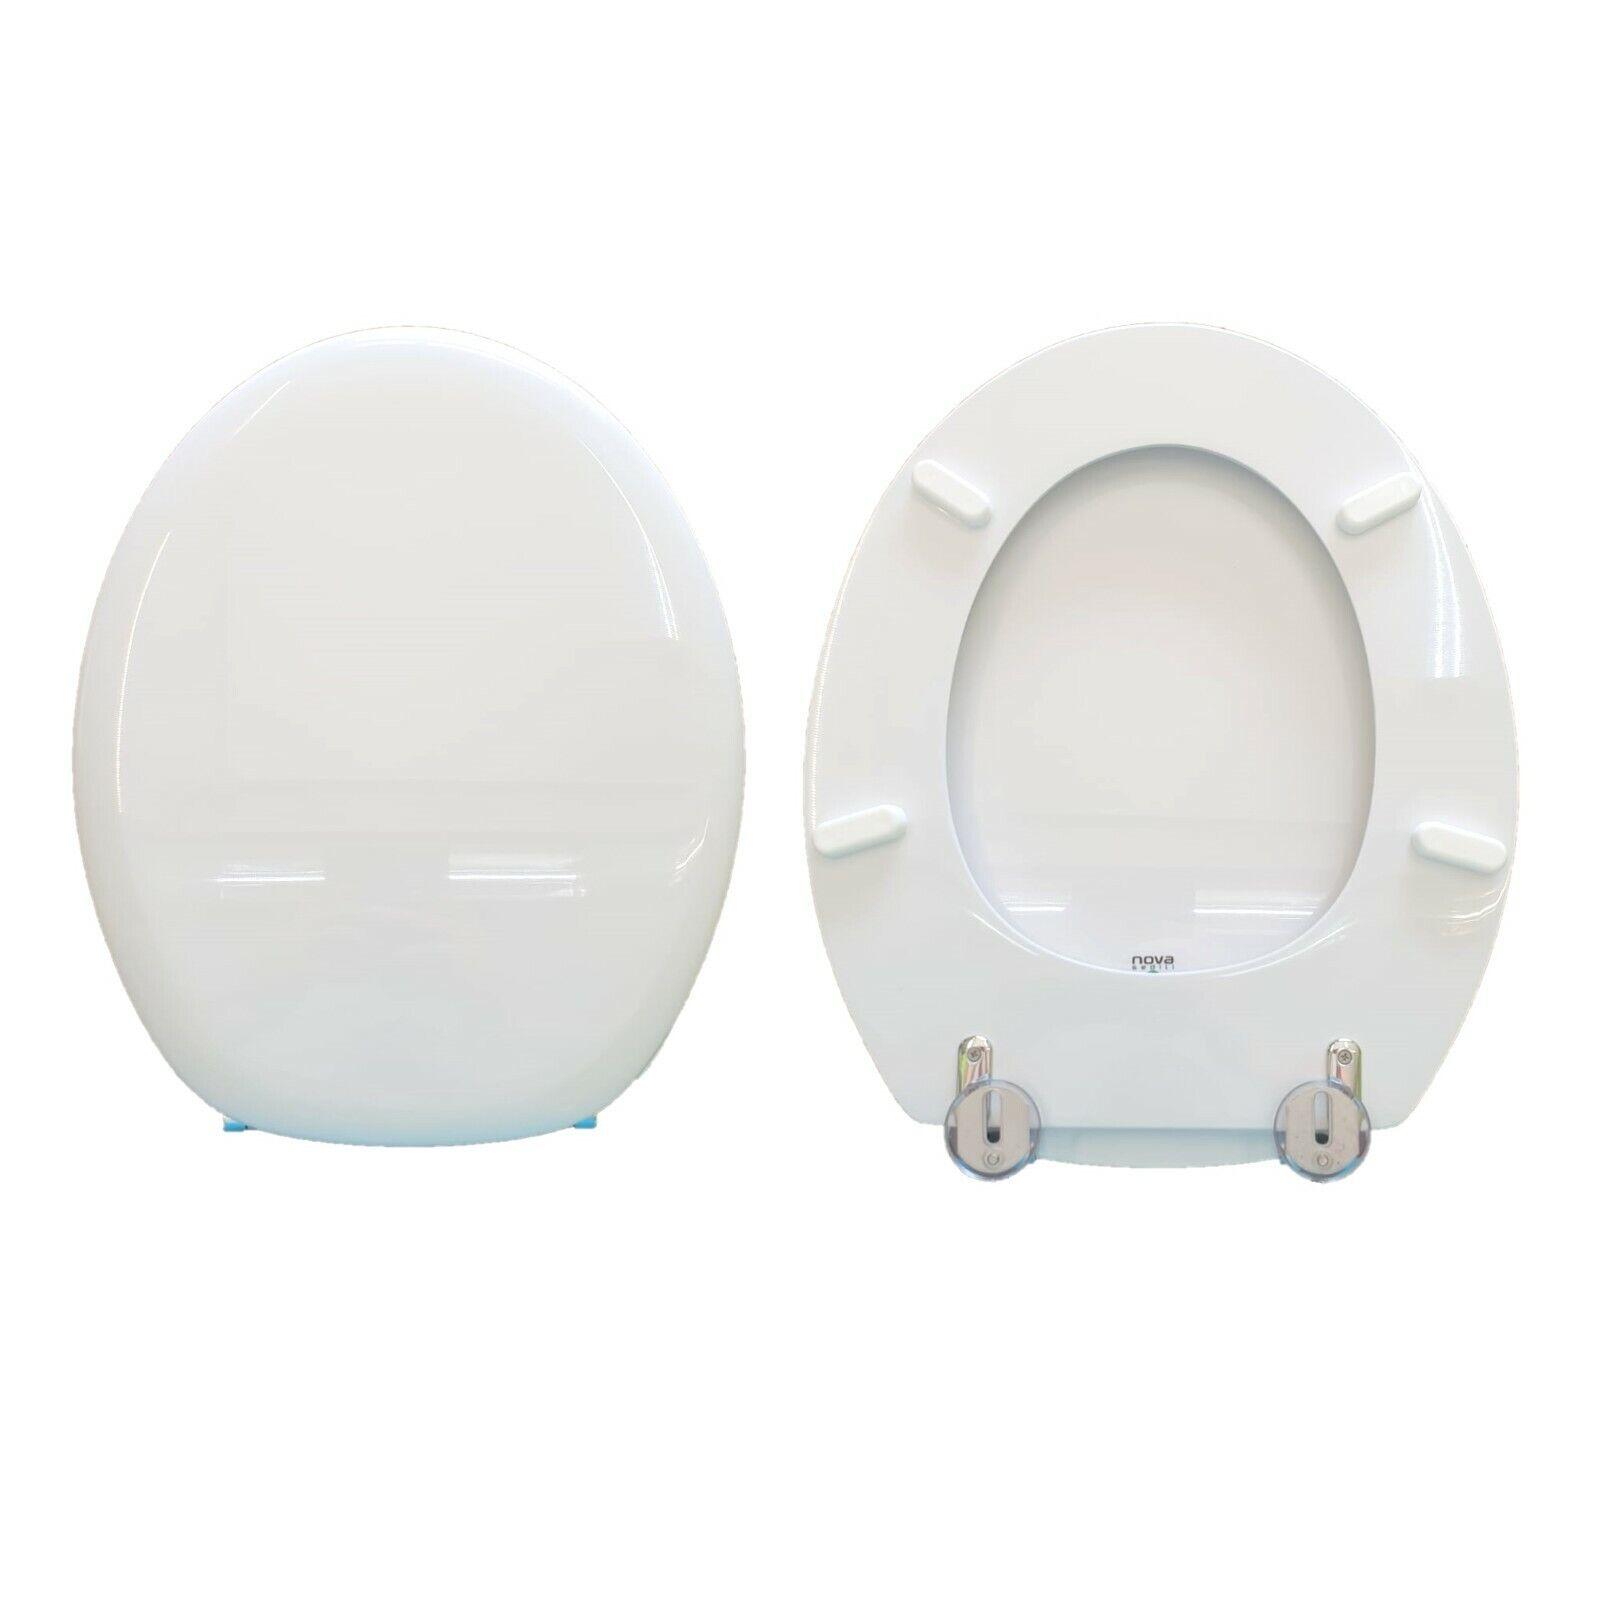 Copriwater RIACE SIMCA compatibile laccato bianco lucido poliestere